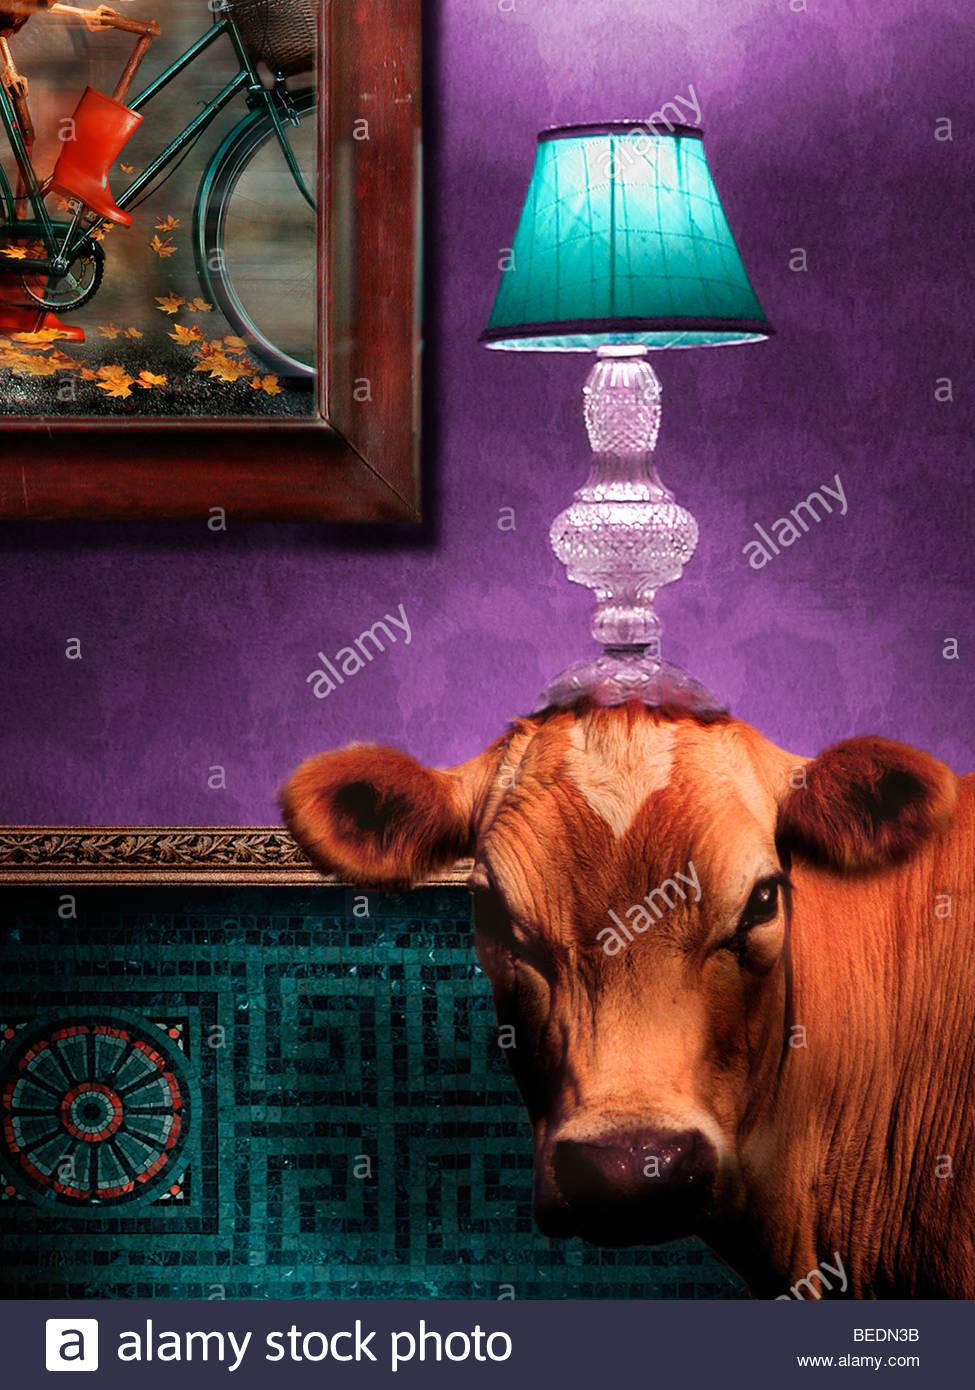 Kuh im Wohnzimmer mit Lampe auf Kopf Stockfoto